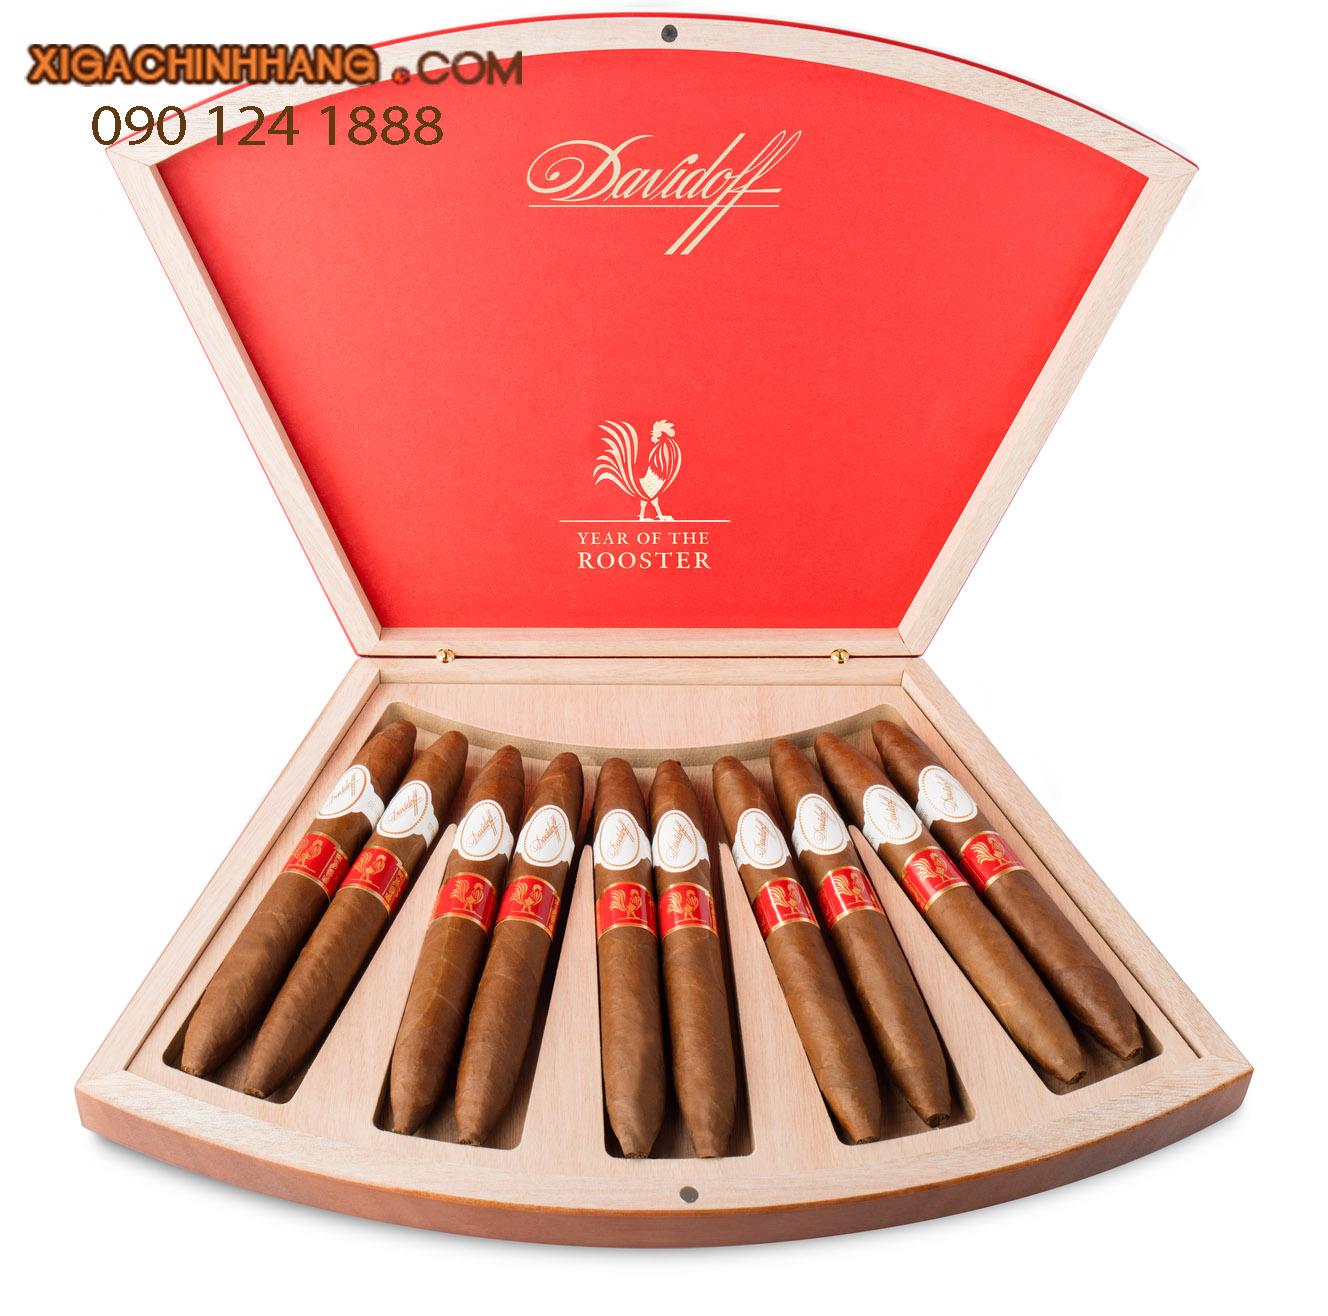 Xì gà Davidoff Limited Edition 2017 hộp 10 điếu  TPHCM 0901241888 - 256 Pasteur Q3